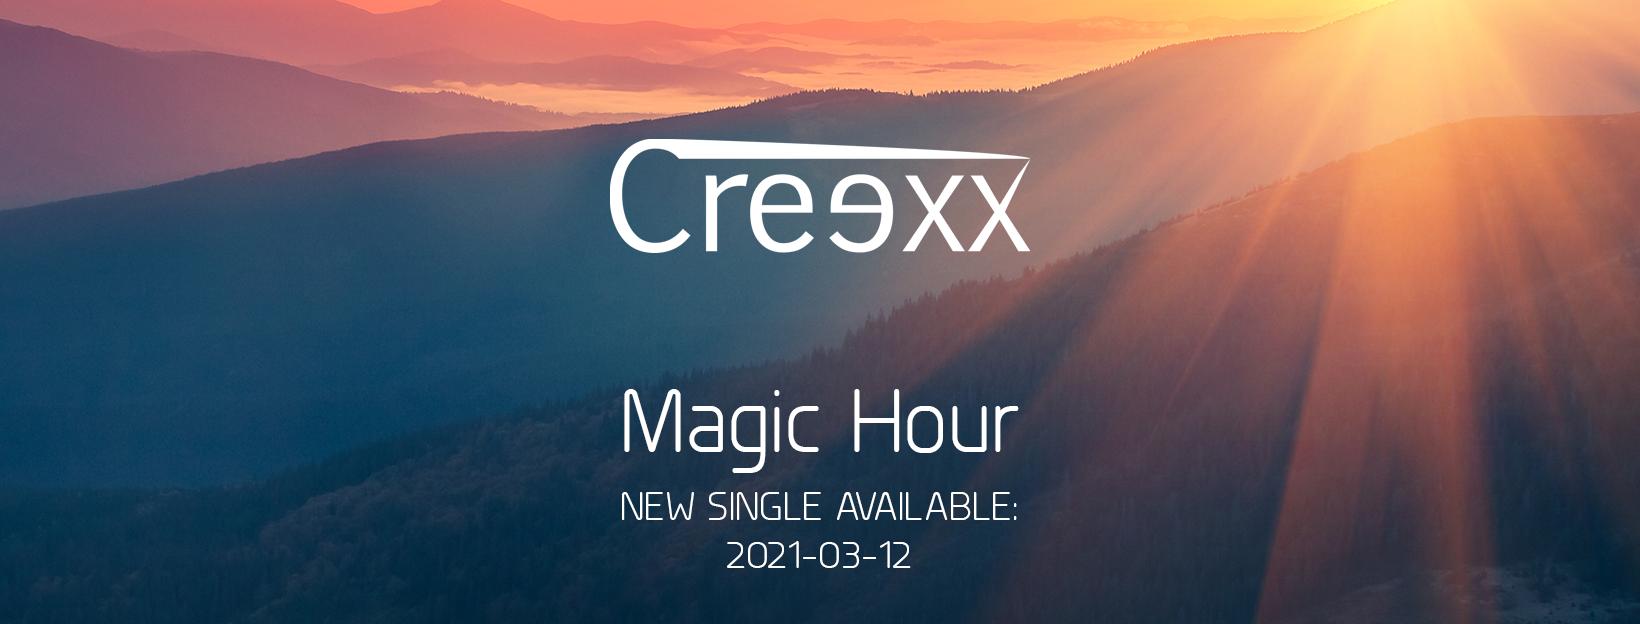 Creexx - Magic Hour